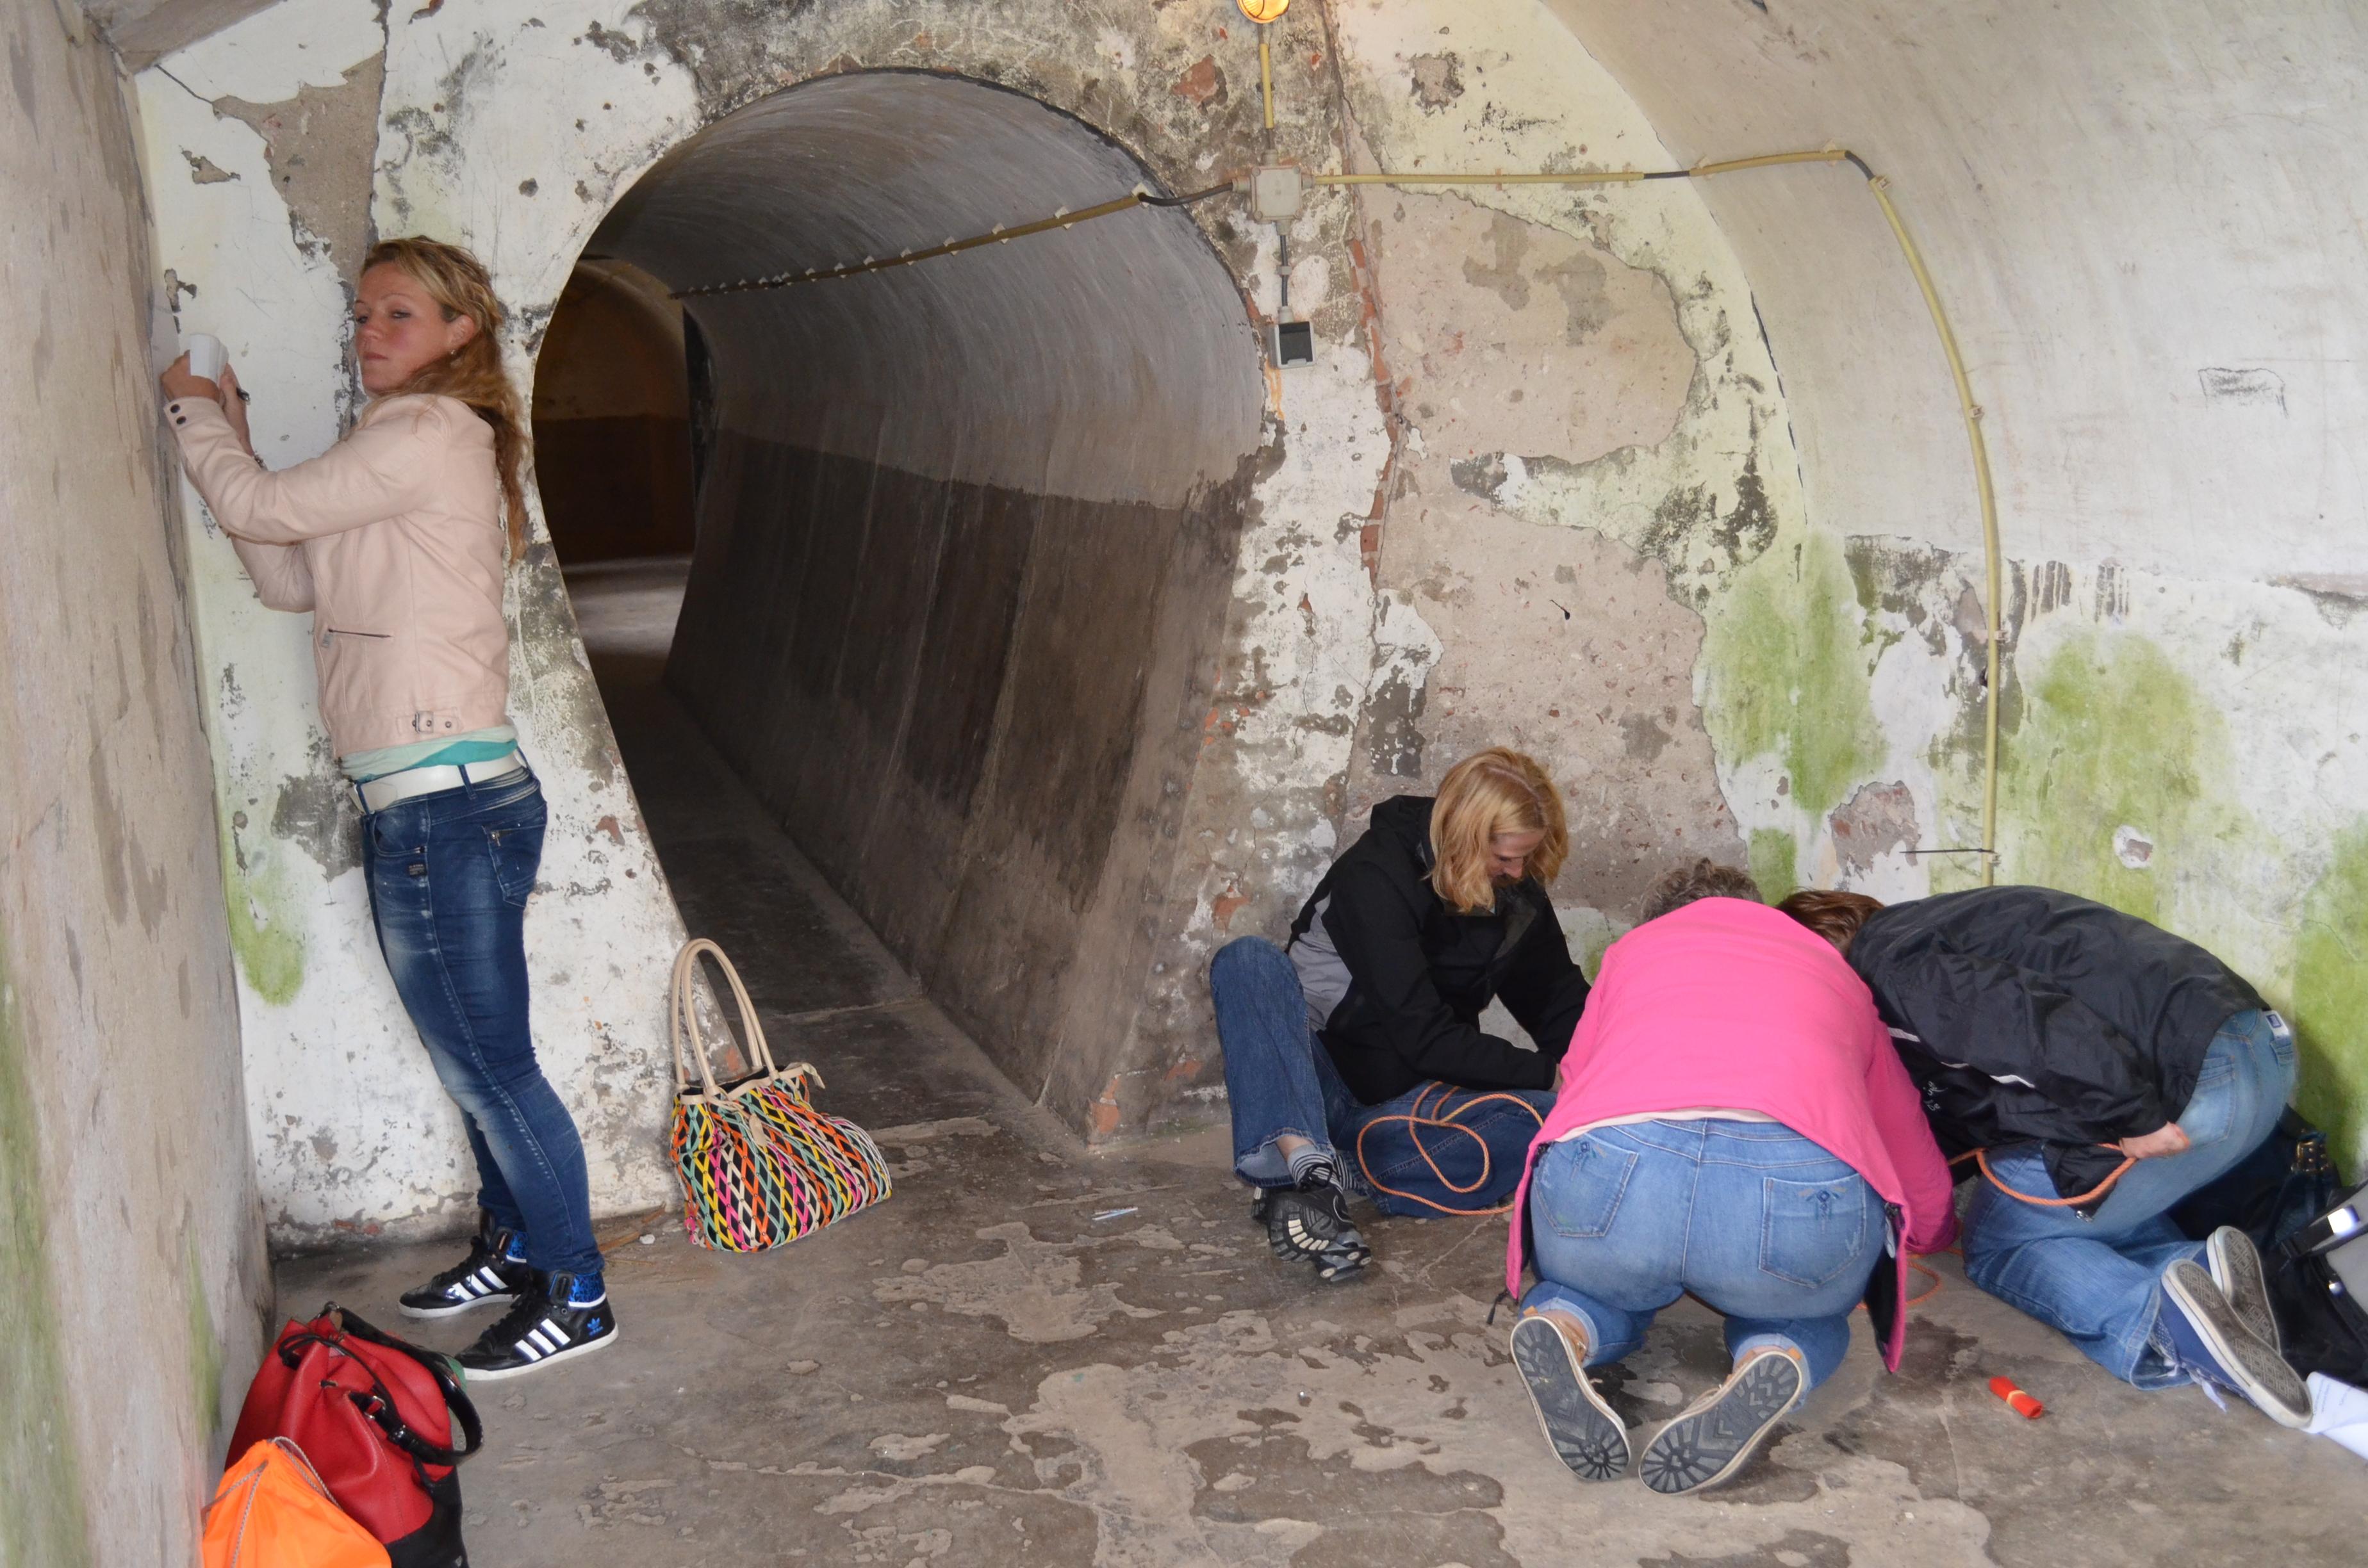 Fort Boyard spel Bedrijfsuitje Alkmaar Den Helder Noord-Holland